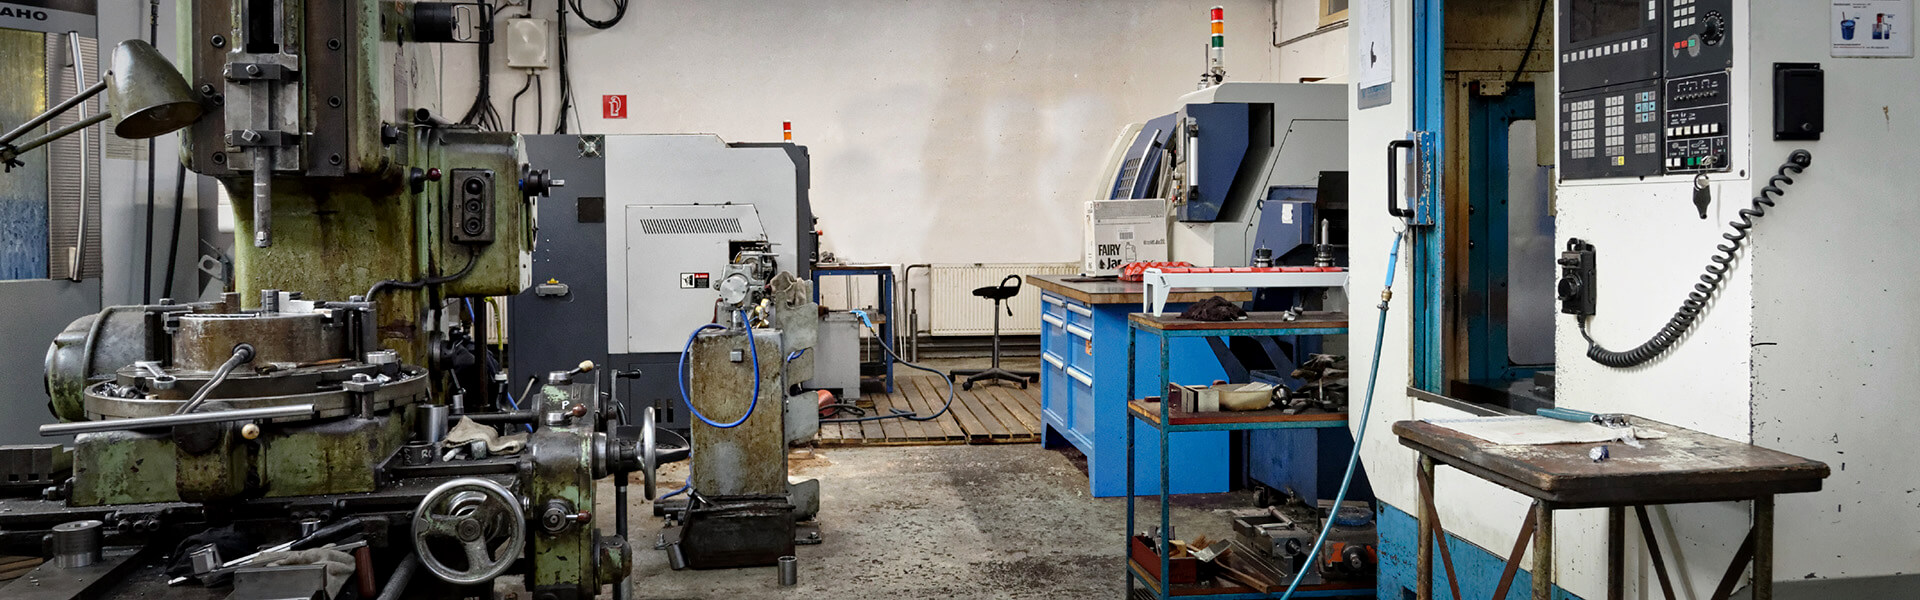 Moderná a presná technika pre obrábanie kovov